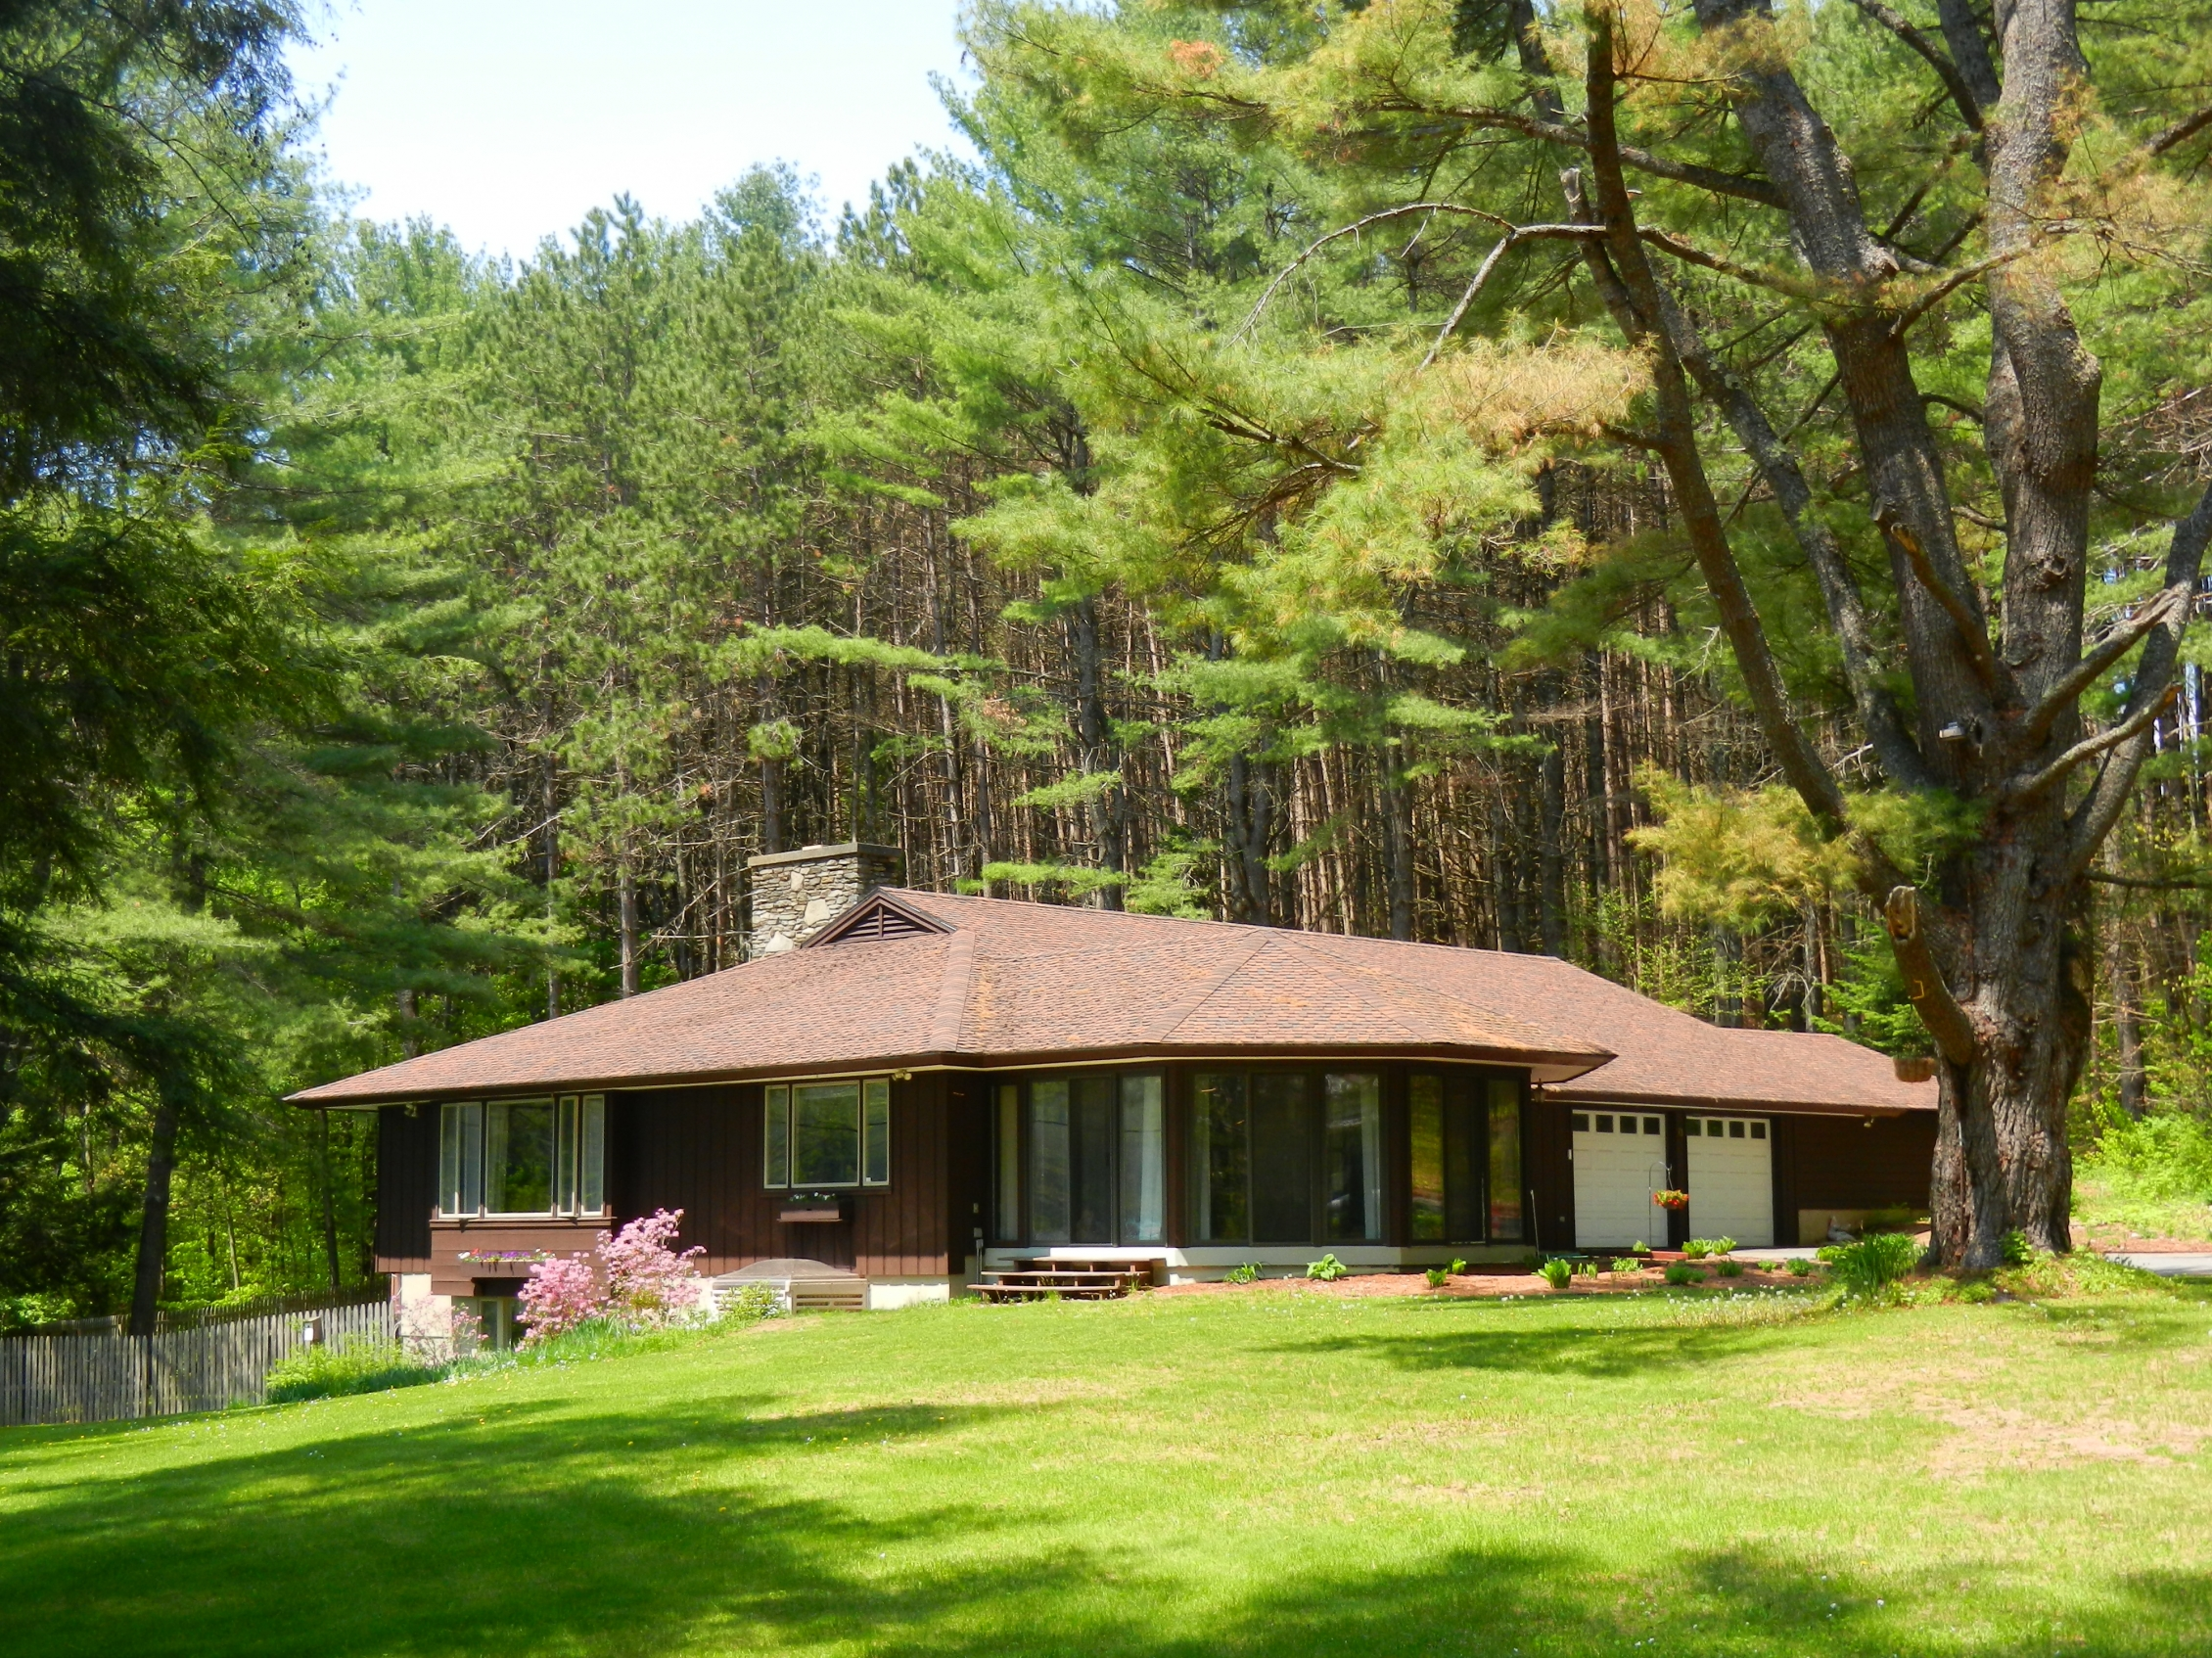 Maison unifamiliale pour l Vente à 73 West Fairlee Road, Thetford 73 West Fairlee Rd Thetford, Vermont, 05058 États-Unis